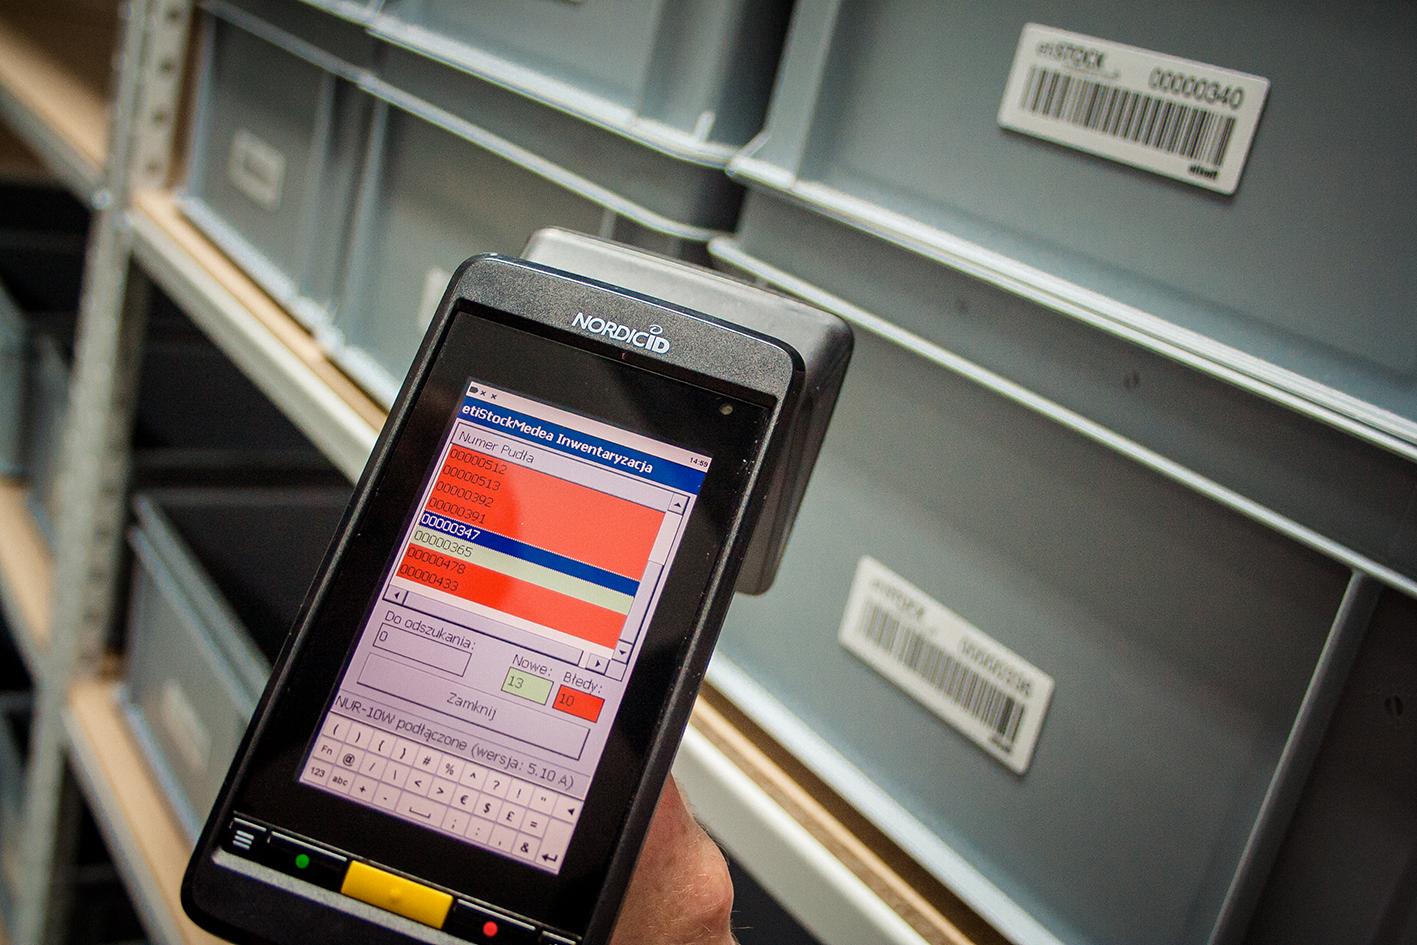 Oznaczenia skrzynek wielokrotnego użytku z wykorzystaniem technologii RFID